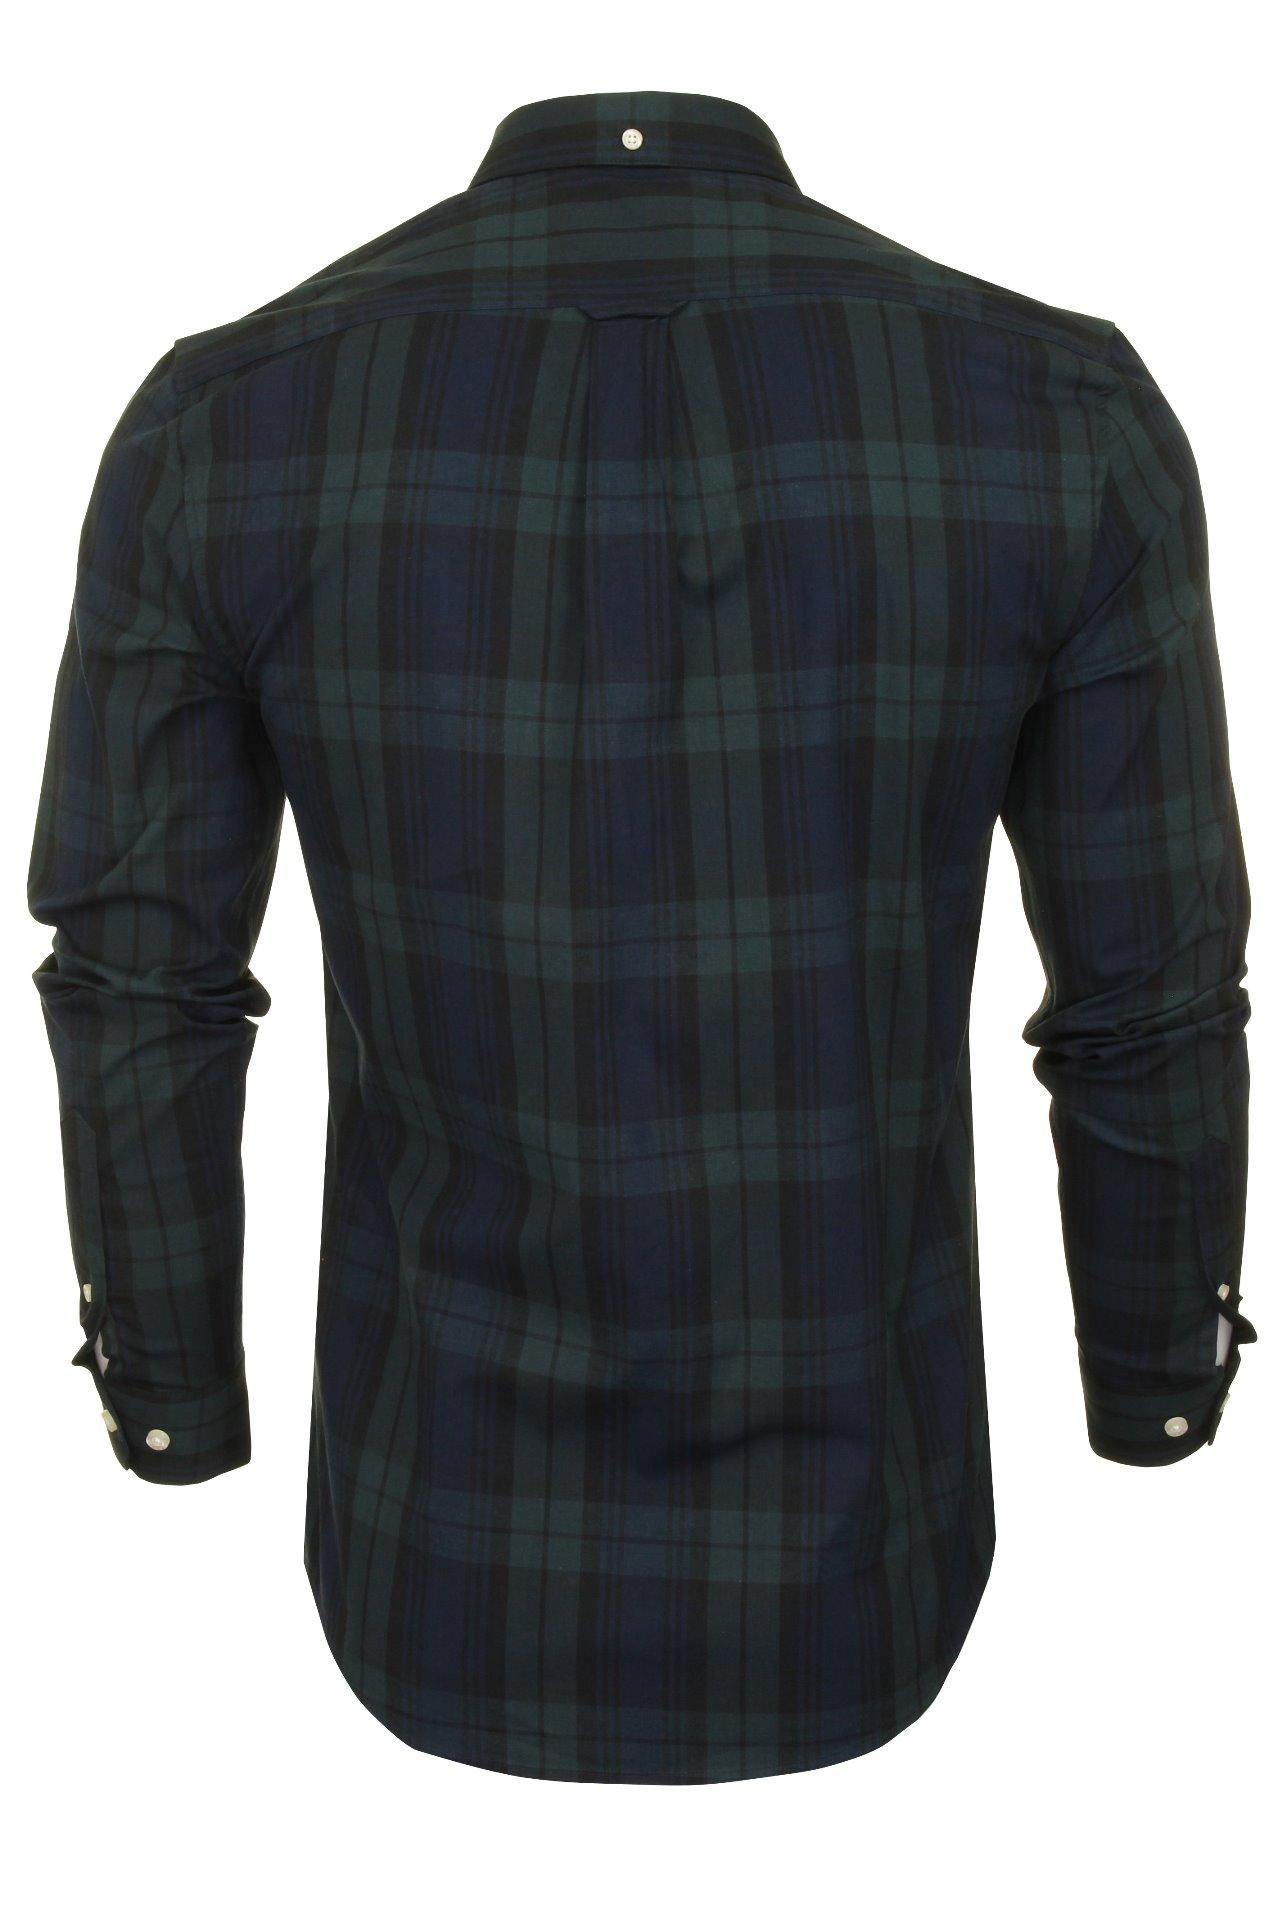 Farah-Mens-Check-Shirt-039-Brewer-Blackwatch-039-Long-Sleeved thumbnail 11